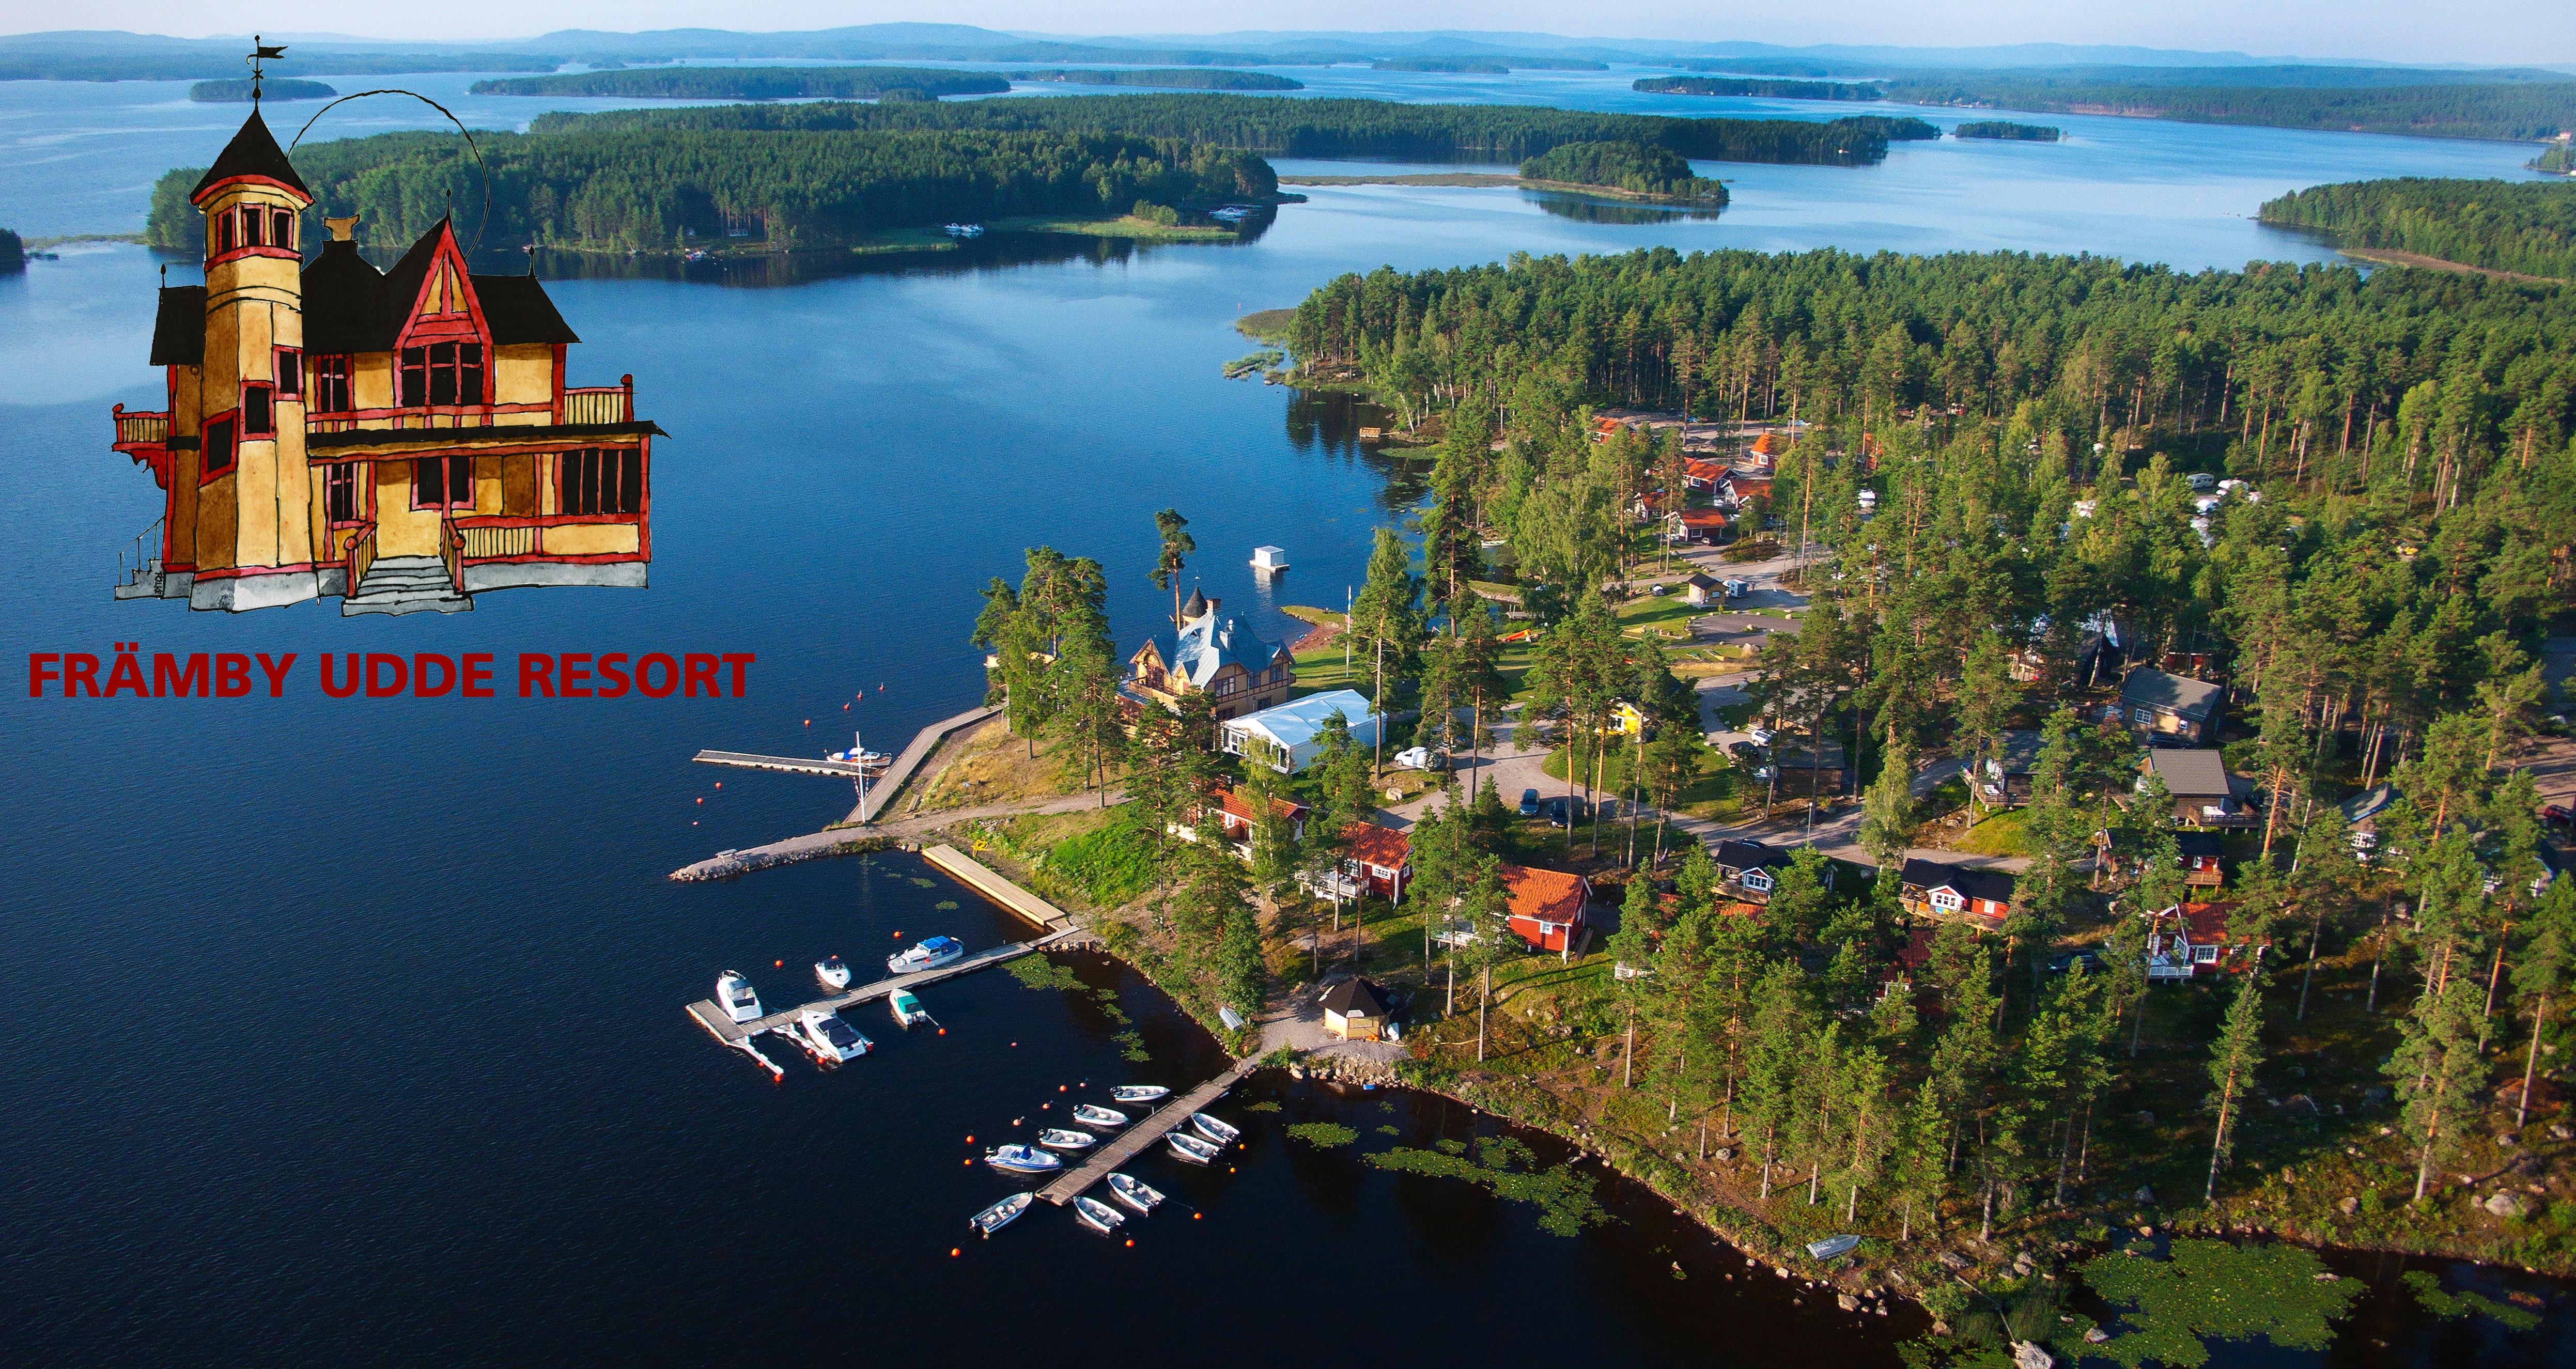 Främby Udde Resort med logga